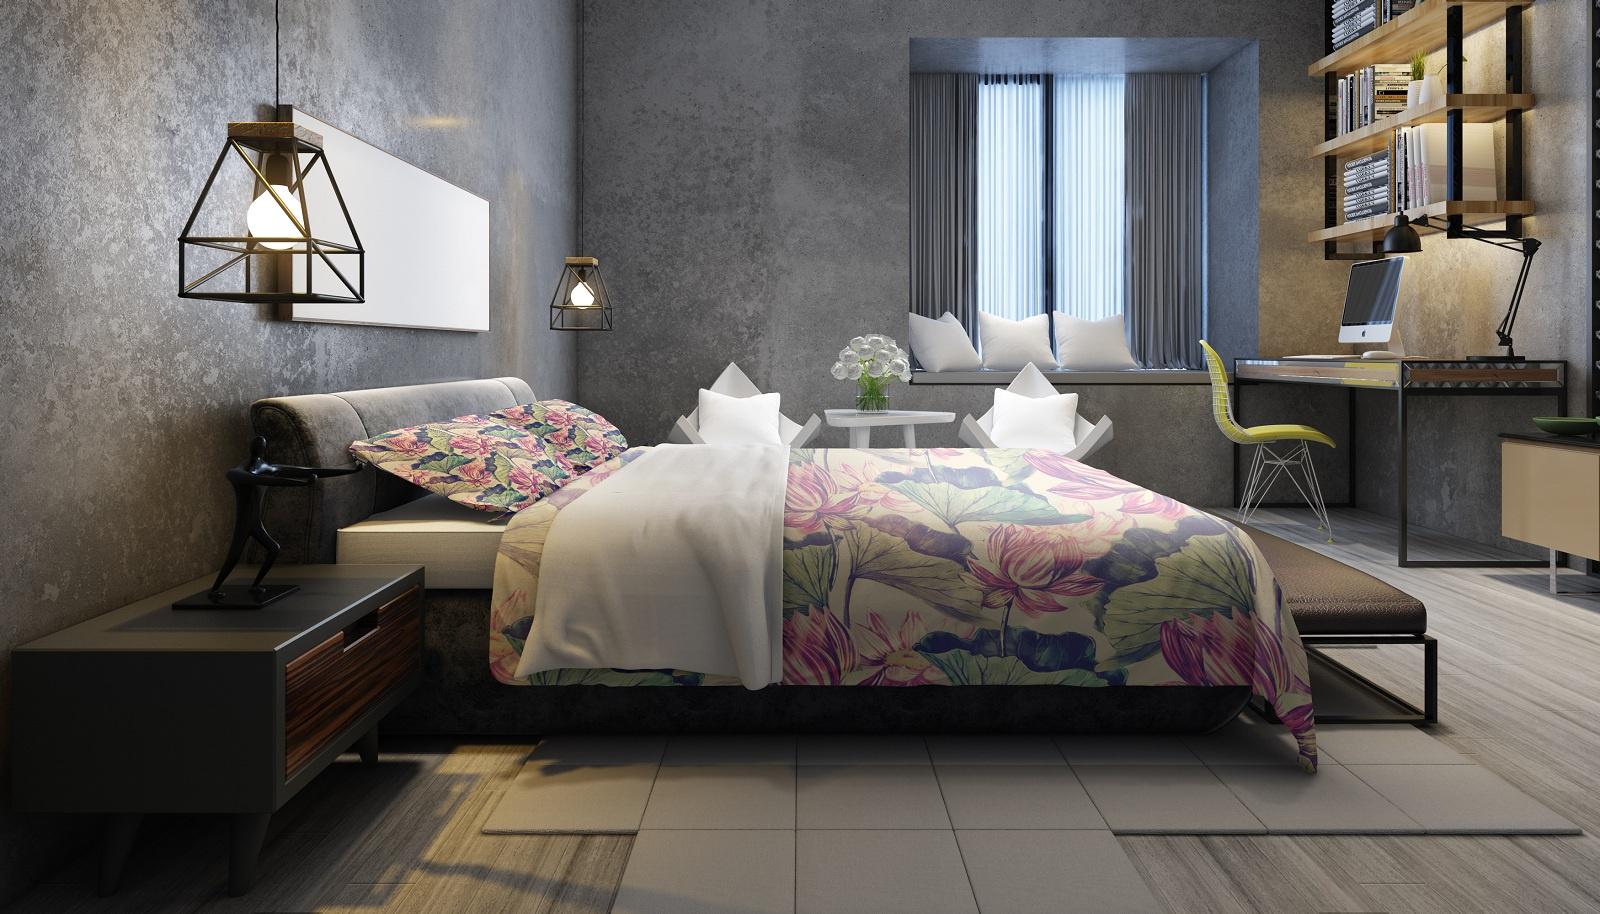 Комплект постельного белья Кувшинки, семейный пододеяльник коллекция котик бязь 1 5 спальный 150х210 см